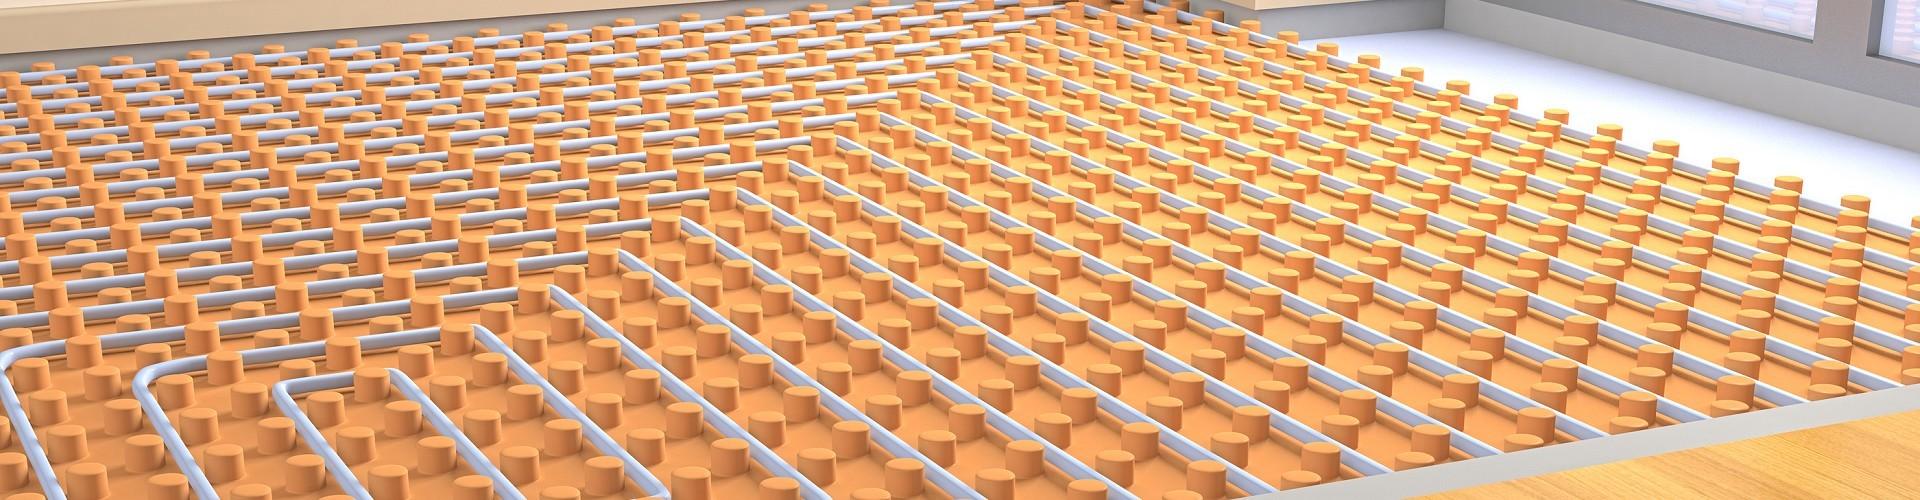 Riscaldamento A Soffitto Prezzo climatique - impianti radianti genova | riscaldamento a